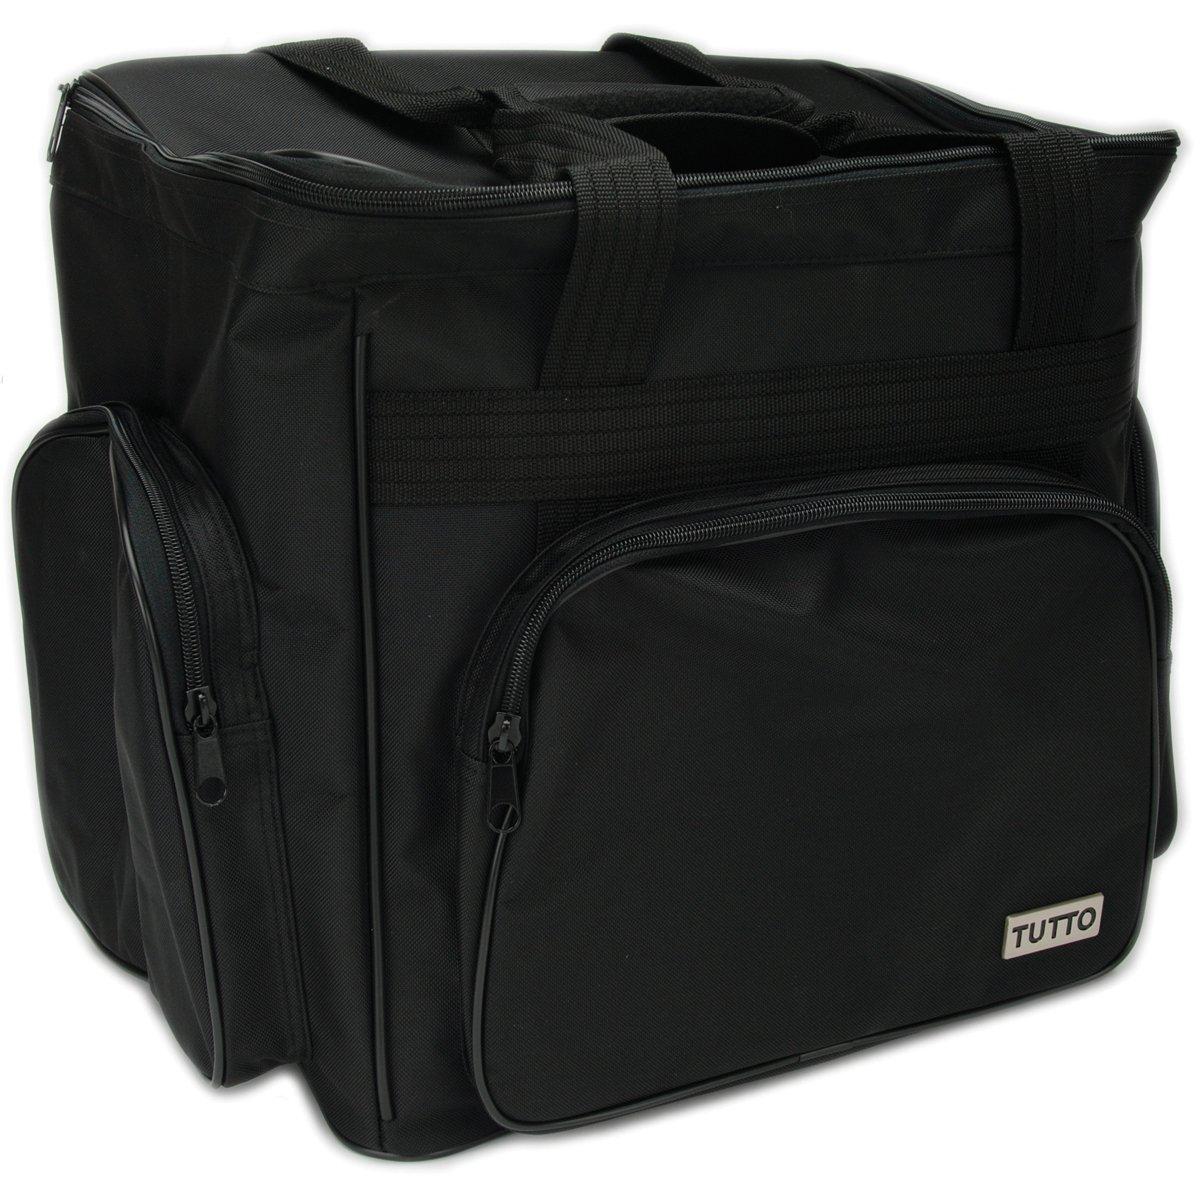 TUTTO Serger & Accessory Bag 14-1/2X14-1/2-Black